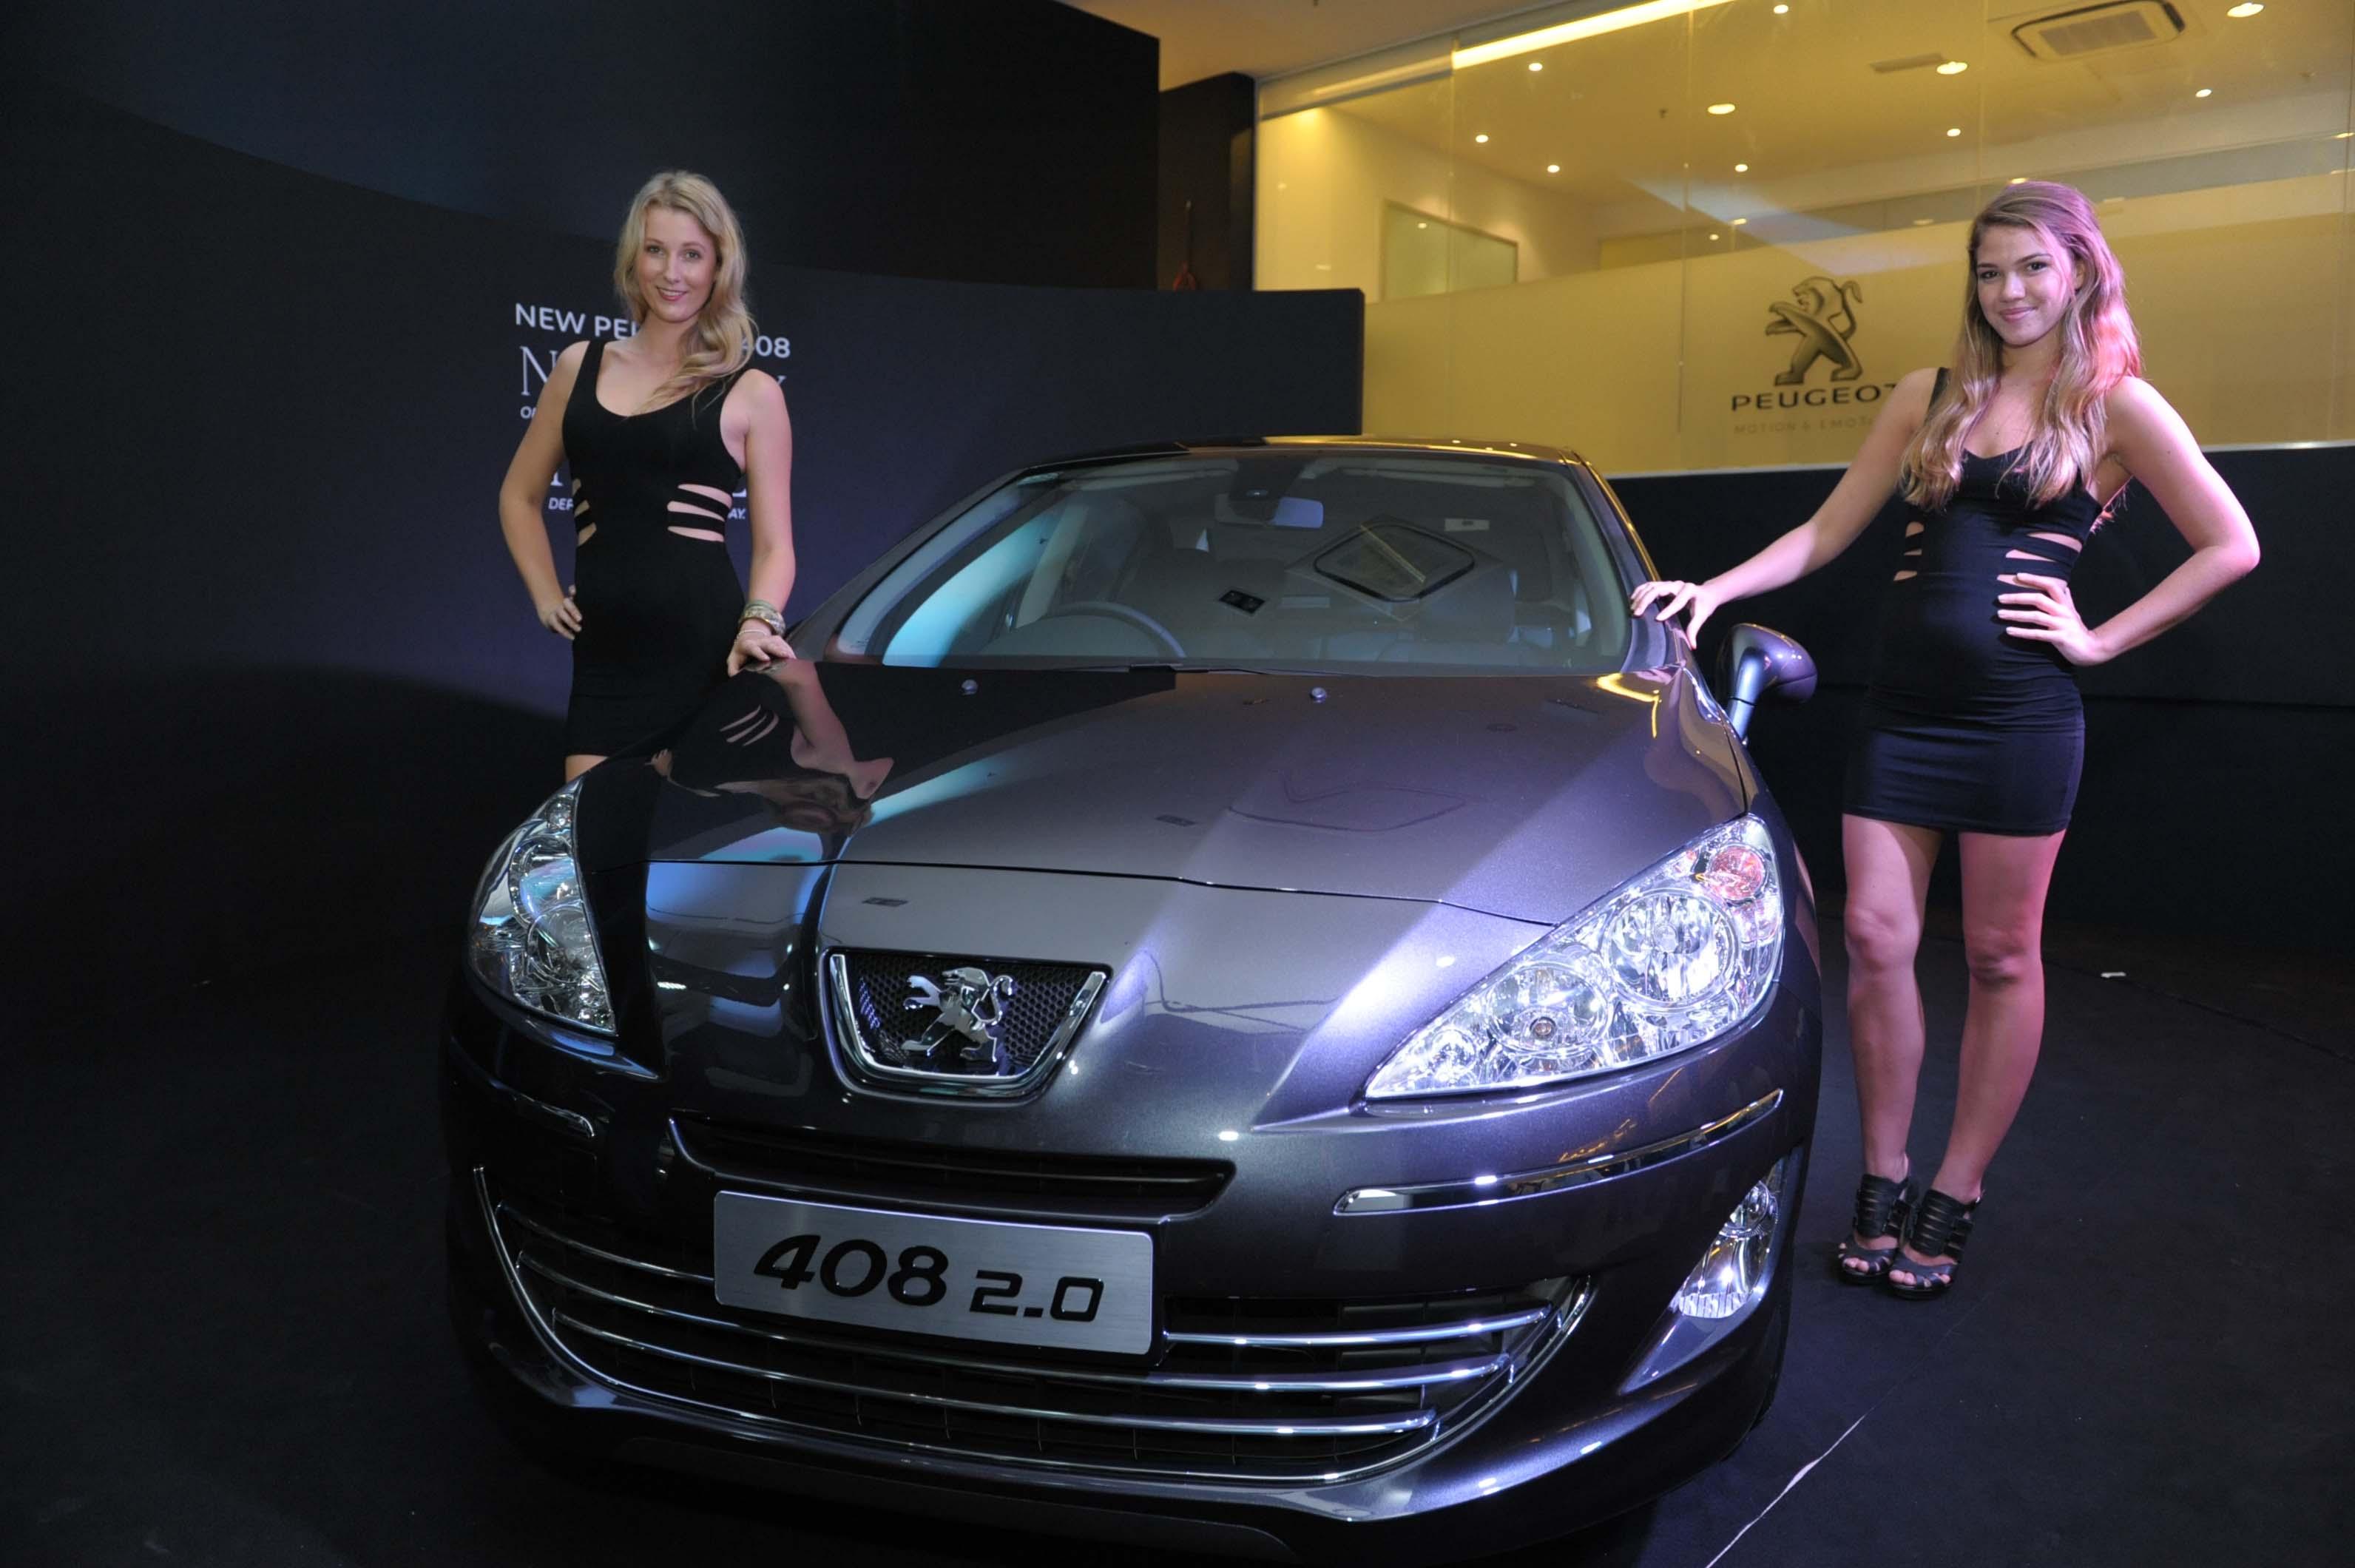 Turbo At RM126k, 2.0 At RM110k